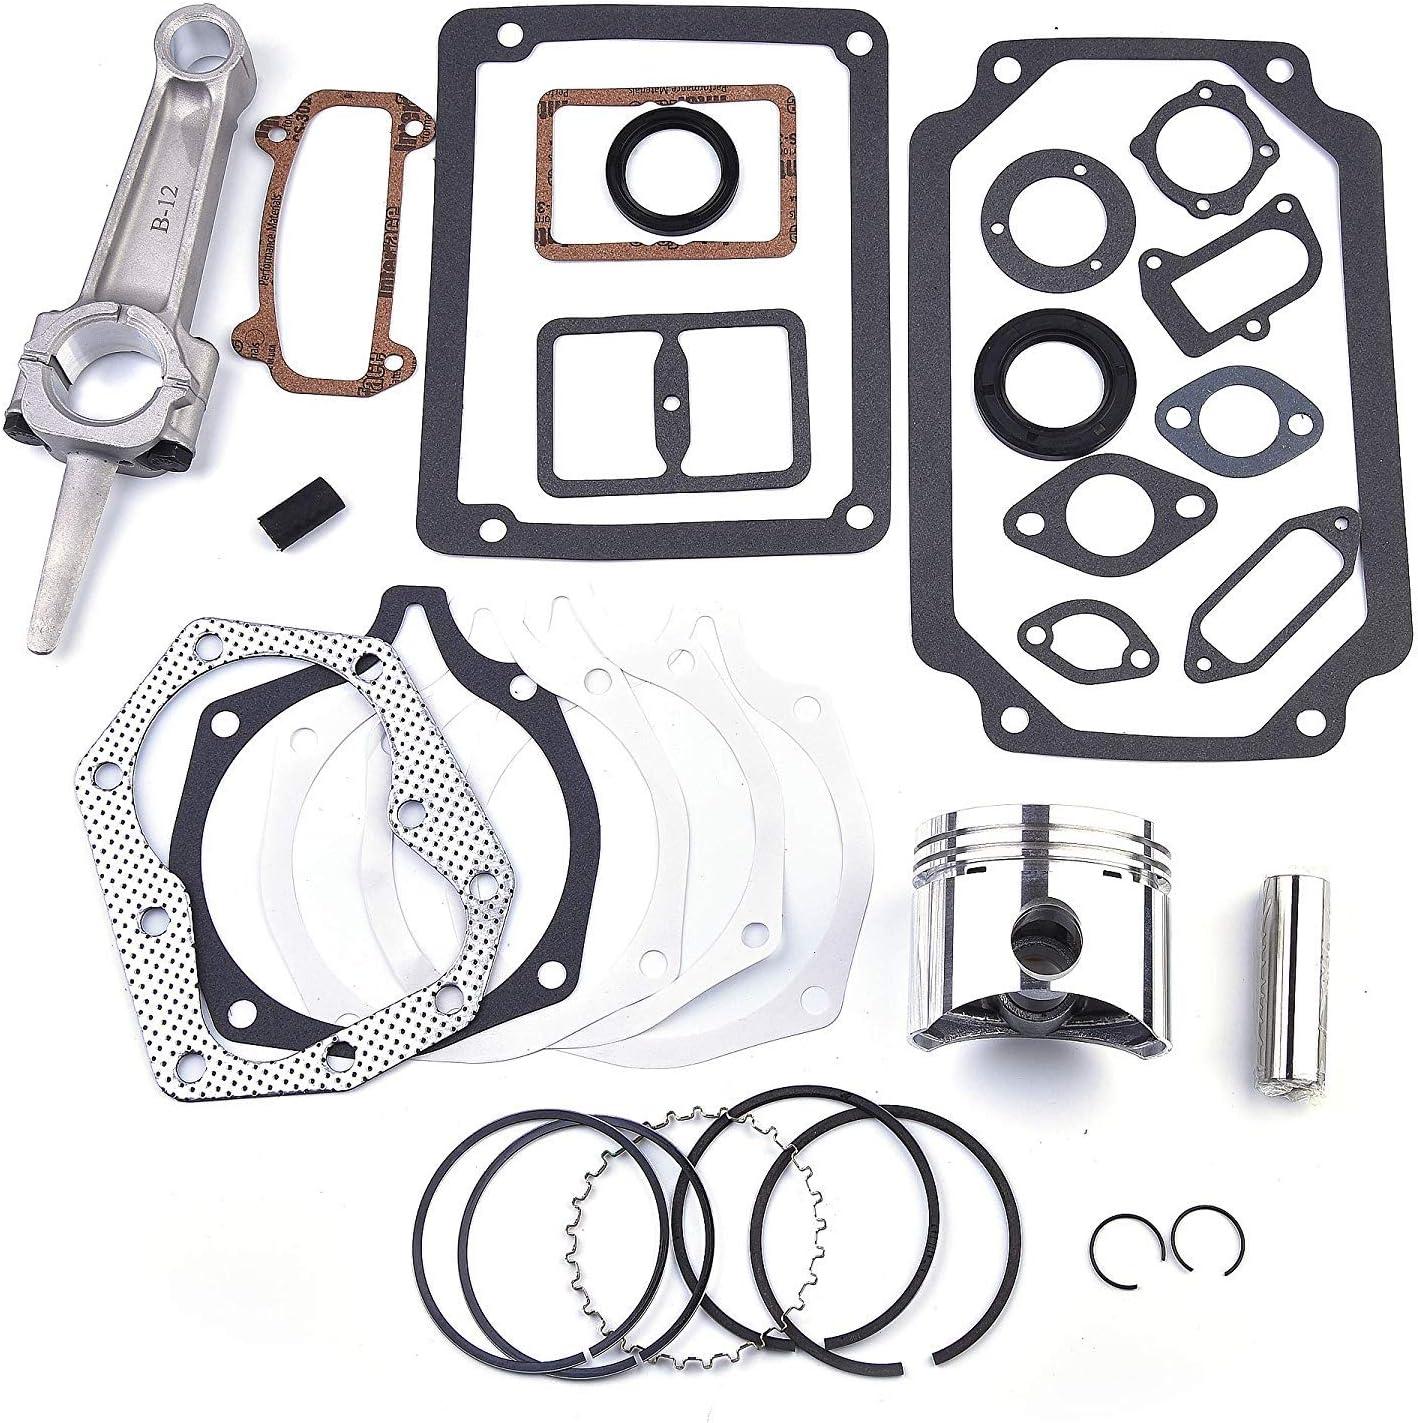 Engine Rebuild Kit Piston Rings Connecting Rod For Kohler M12 K301 12HP Standard